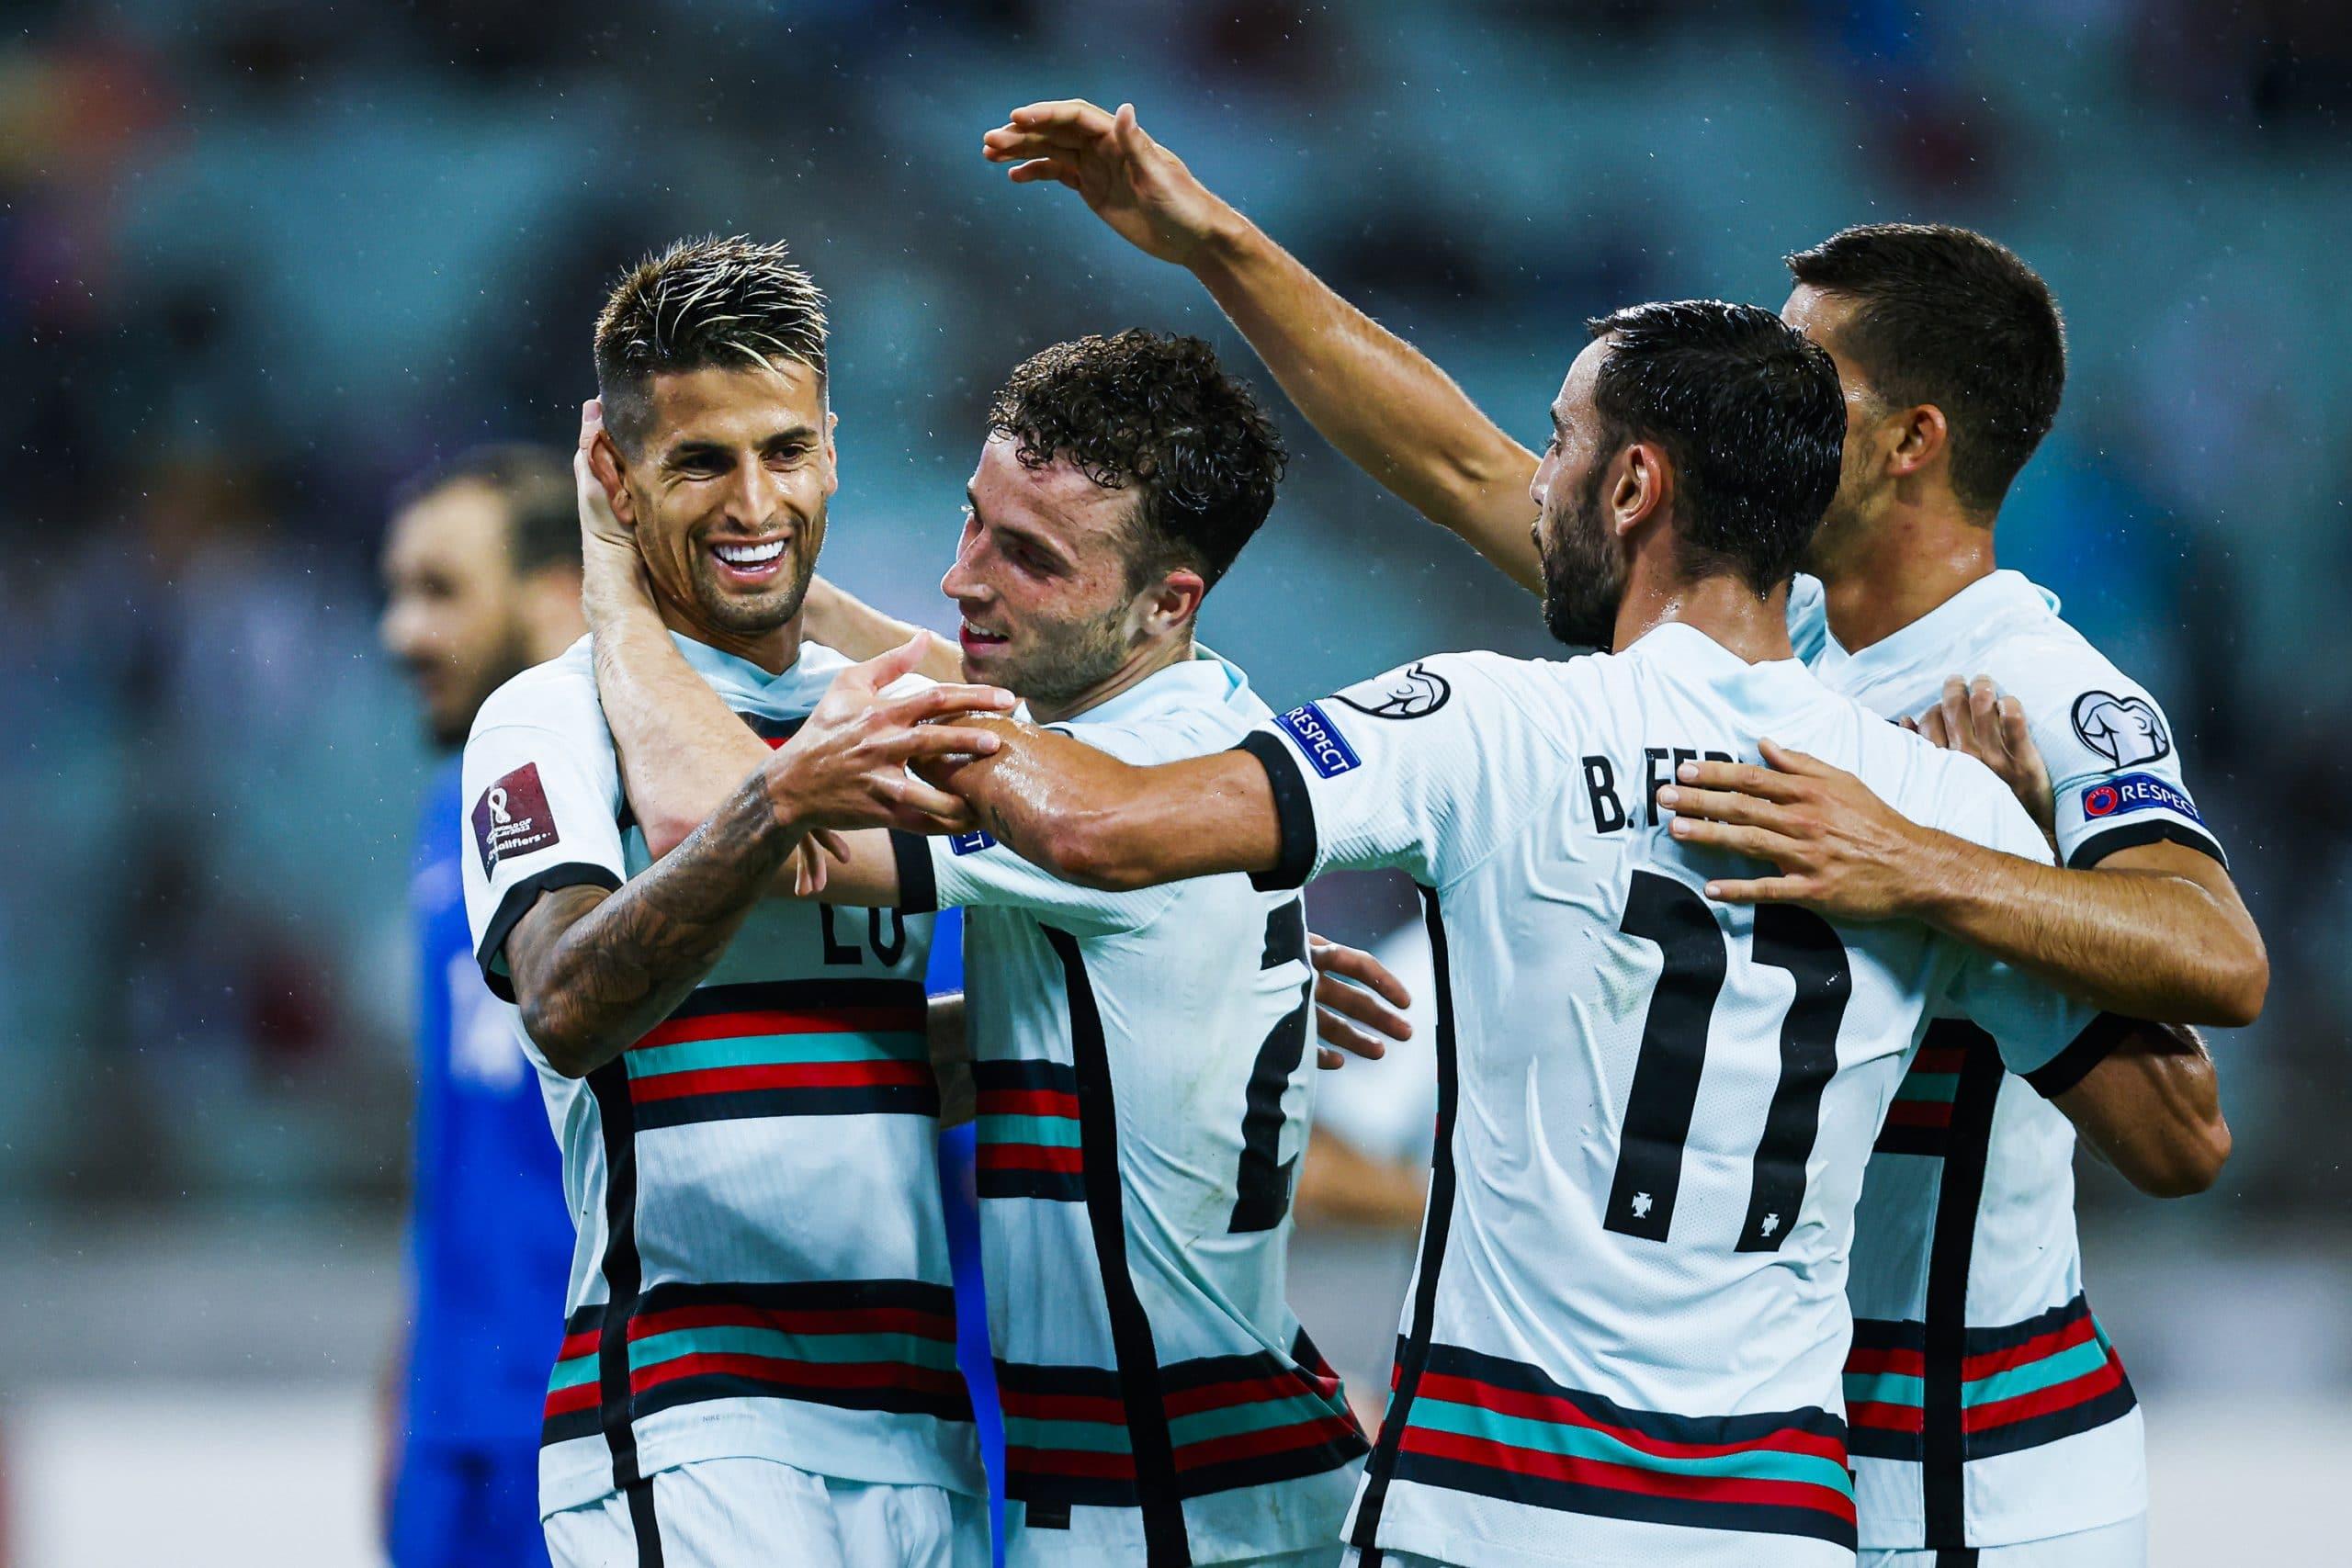 احتفال منتخب البرتغال بعد تسجيله هدف في شباك مرمى أذربيجان